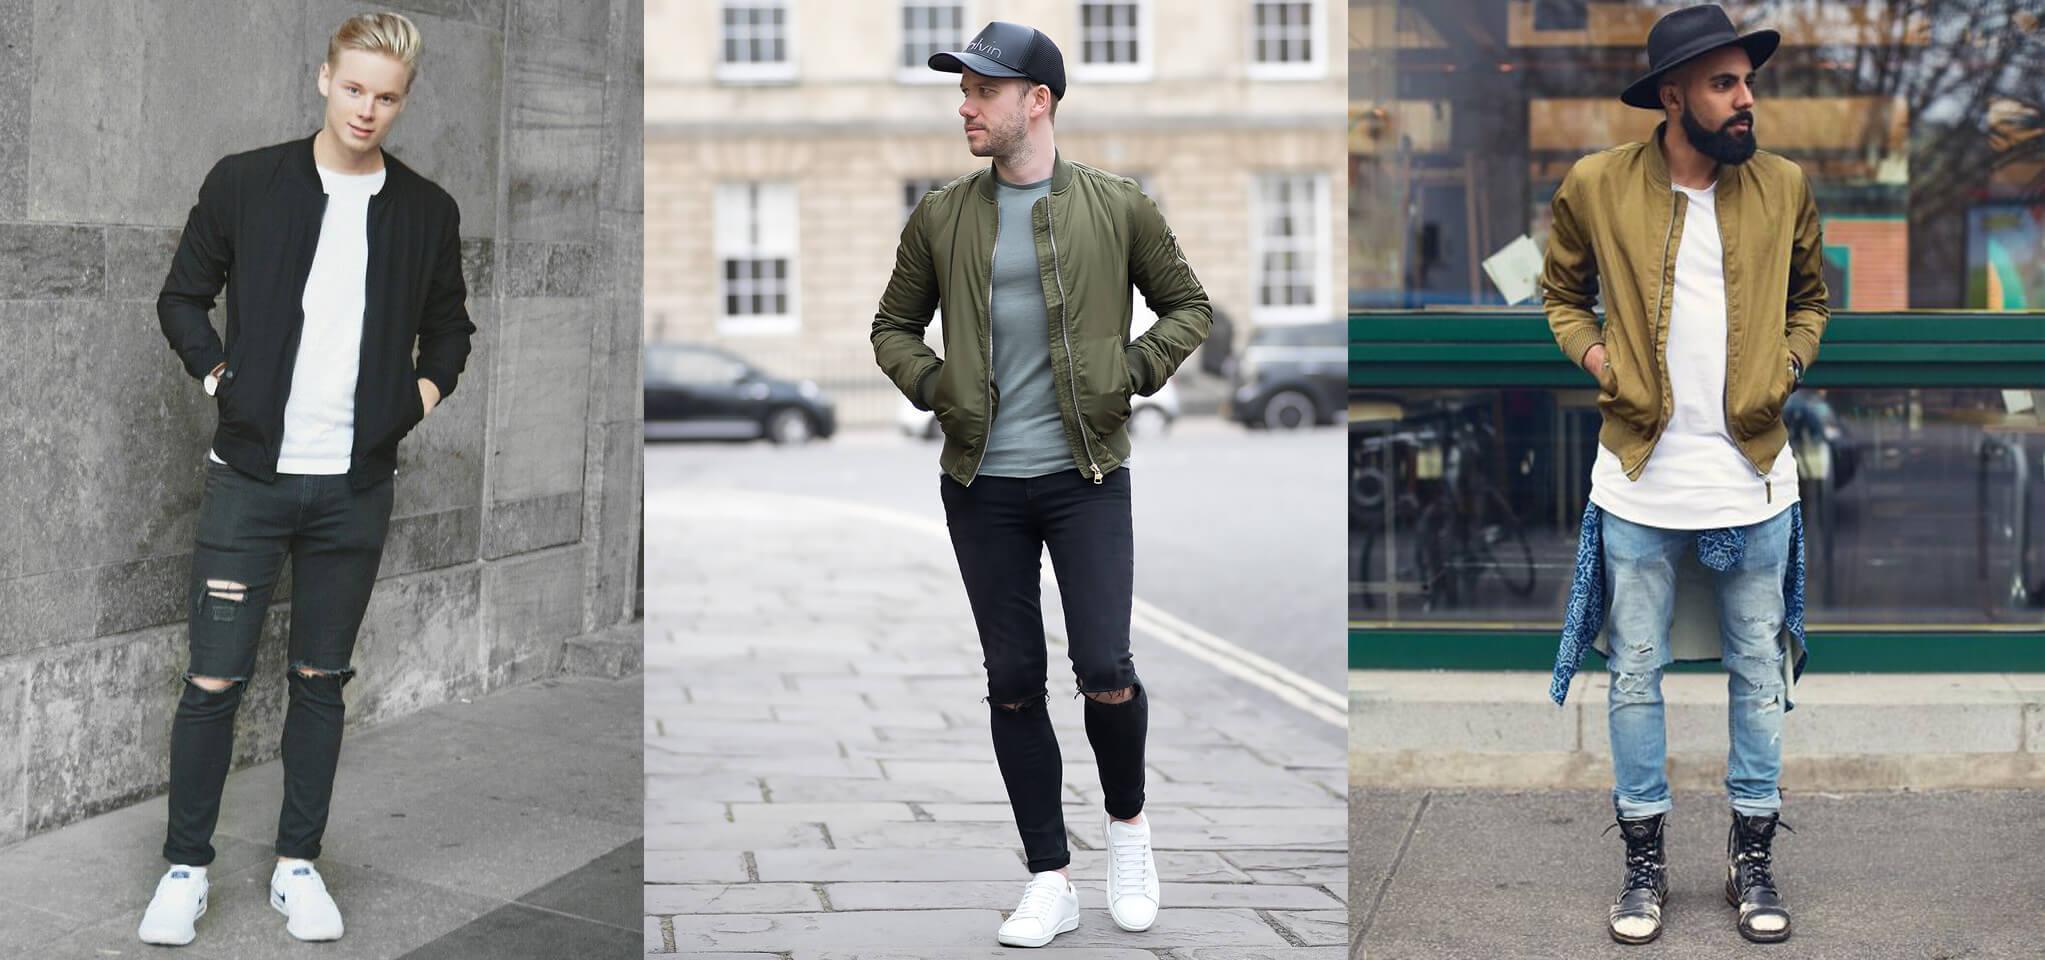 Áo khoác bommer và quần jean rách nam